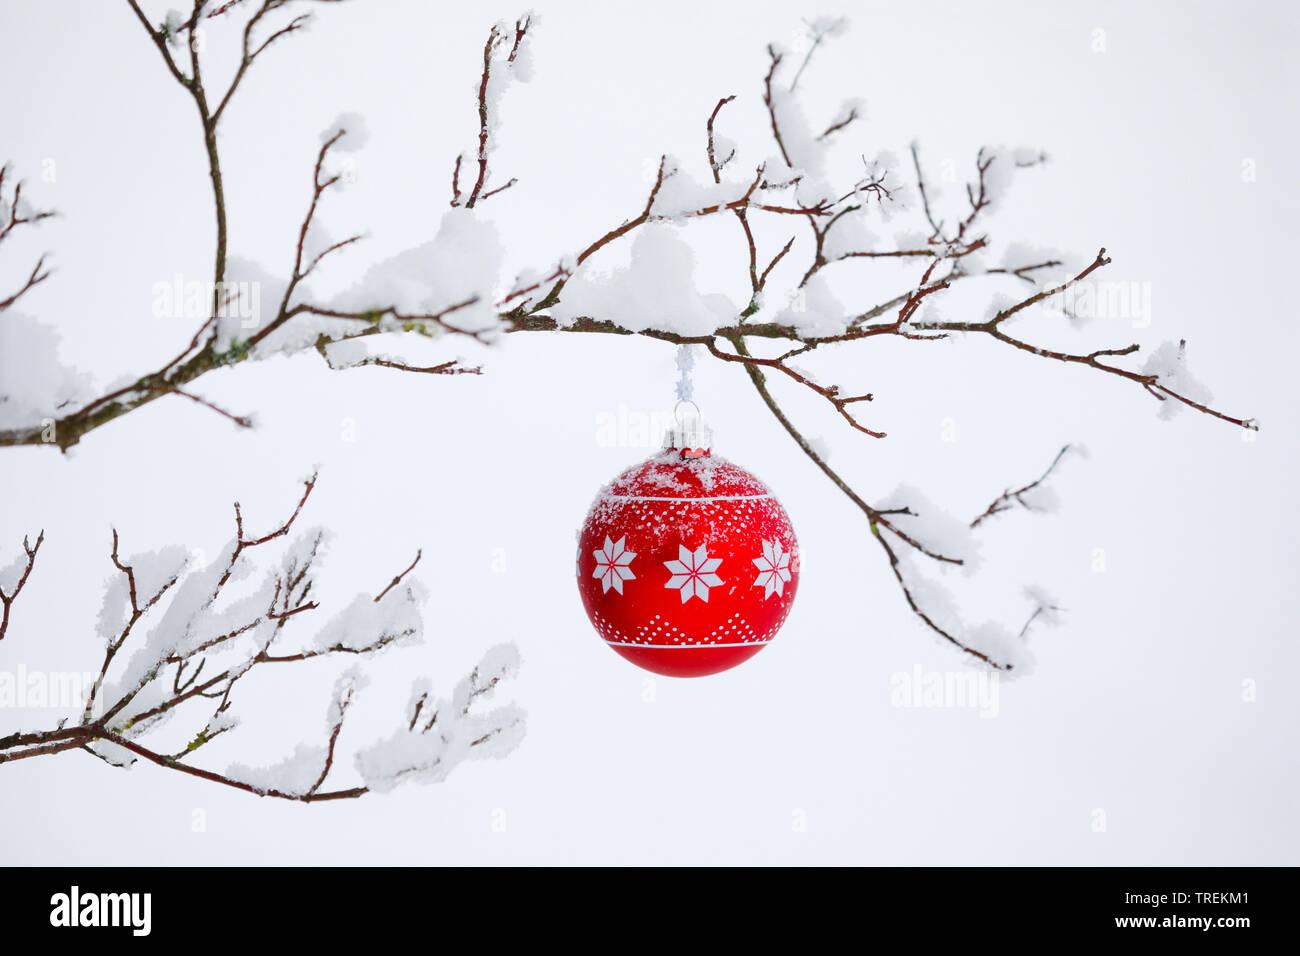 Weihnachtskugel an einem verschneiten Zweig, Schweiz   Christmas ball at a snow-covered twig, Switzerland   BLWS528481.jpg [ (c) blickwinkel/P. Frisch - Stock Image